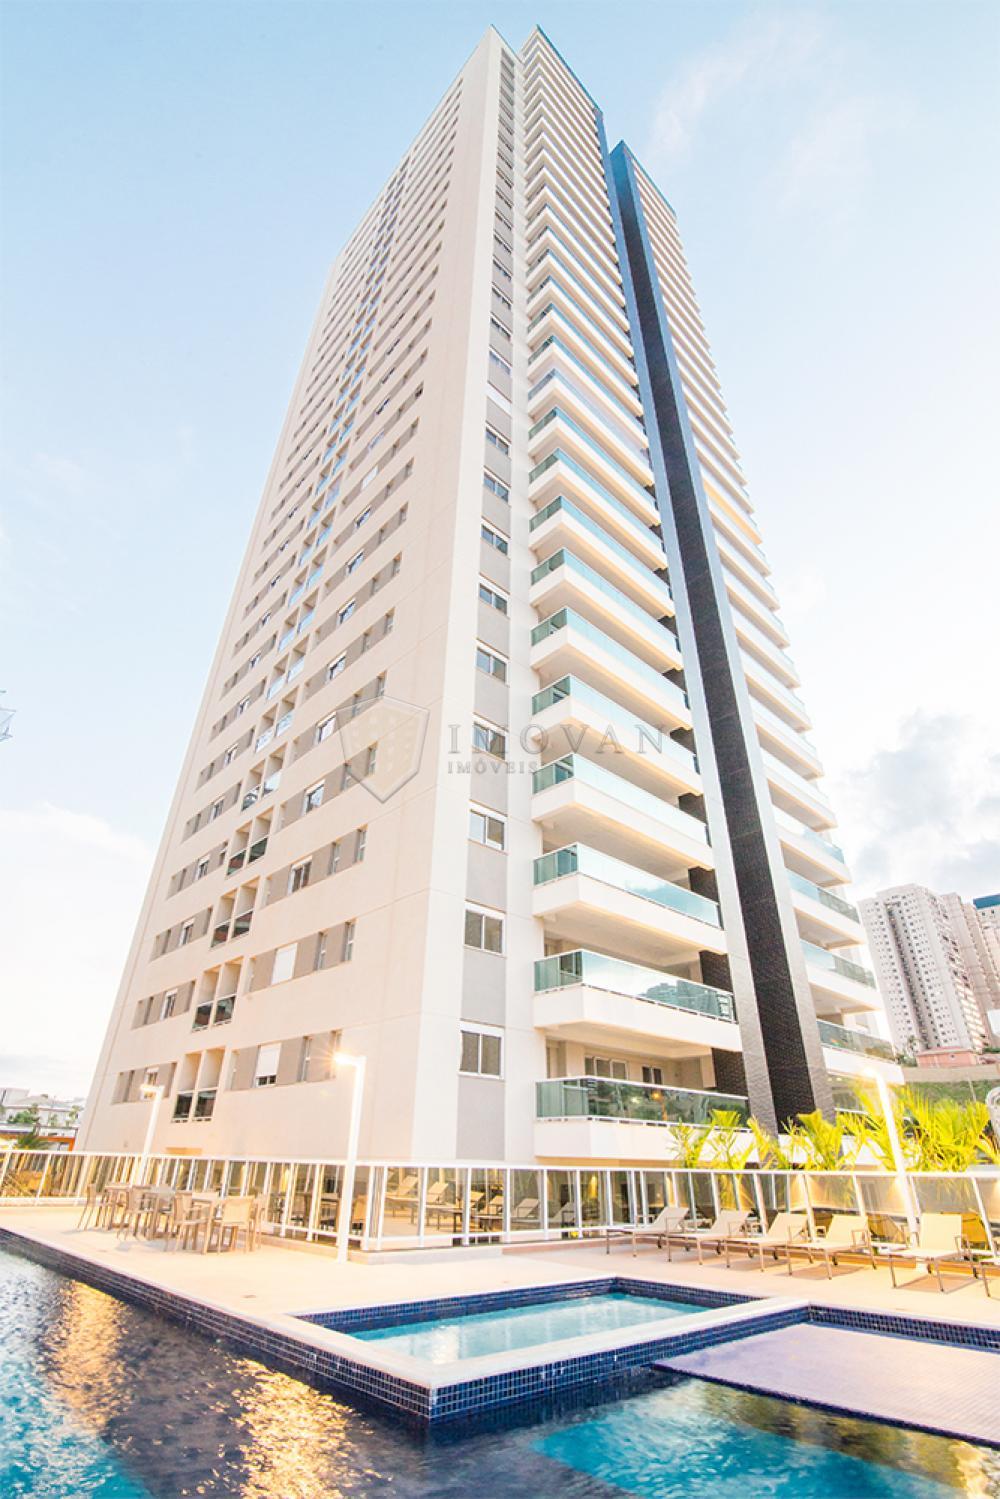 Ribeirao Preto Apartamento Venda R$920.000,00 Condominio R$700,00 3 Dormitorios 3 Suites Area construida 158.00m2